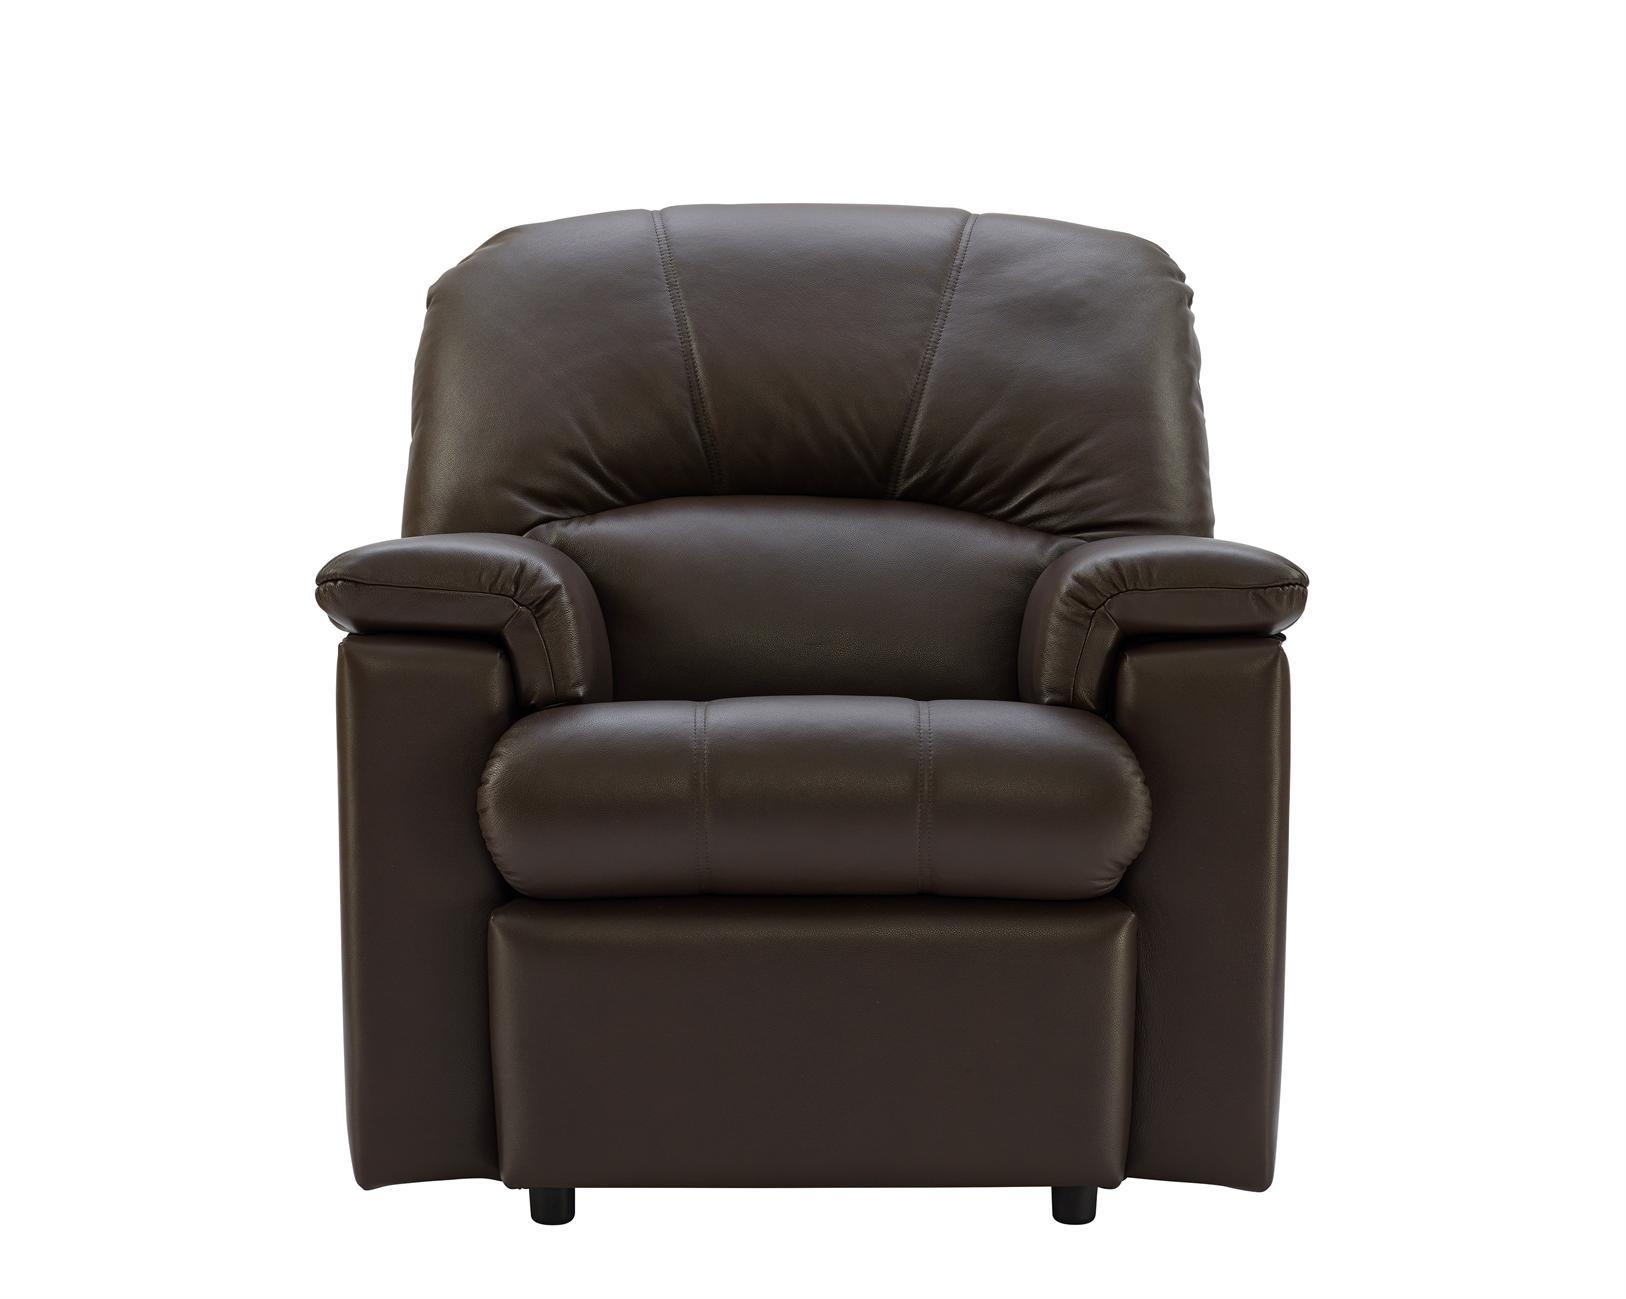 G Plan - Chloe Arm Chair